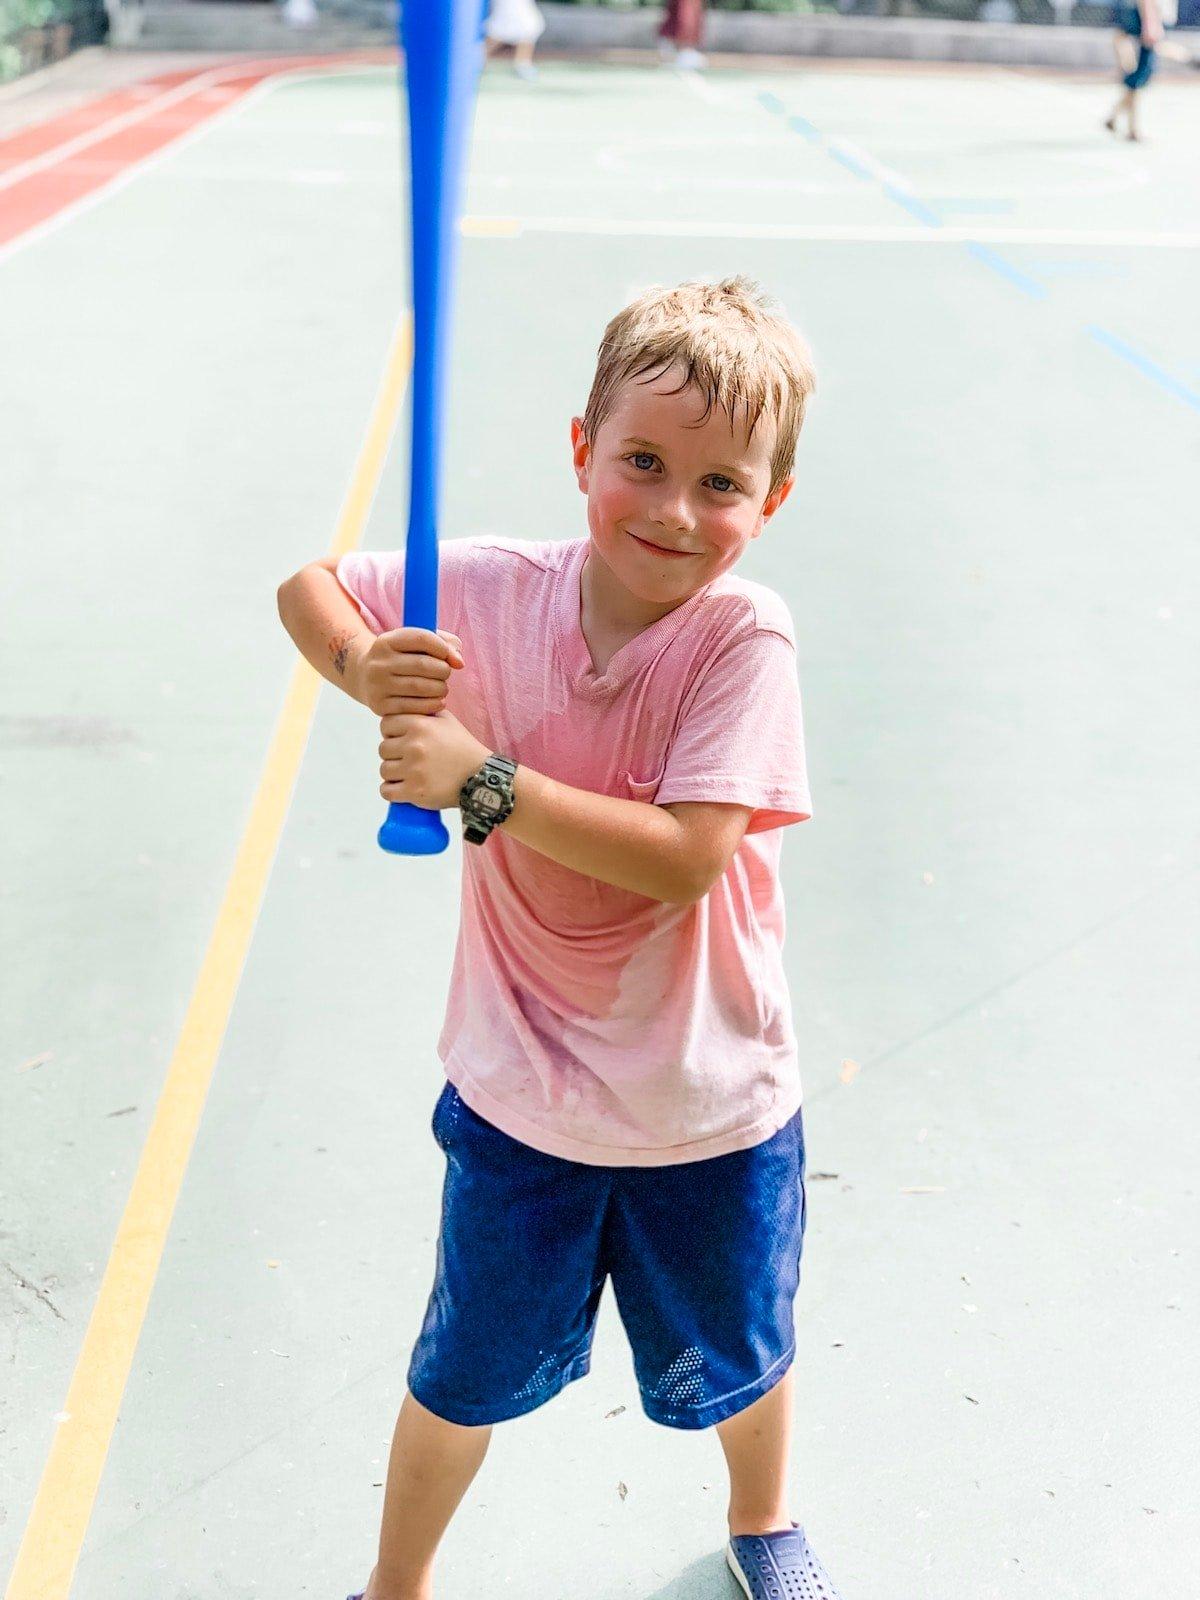 A little boy that is holding a bat